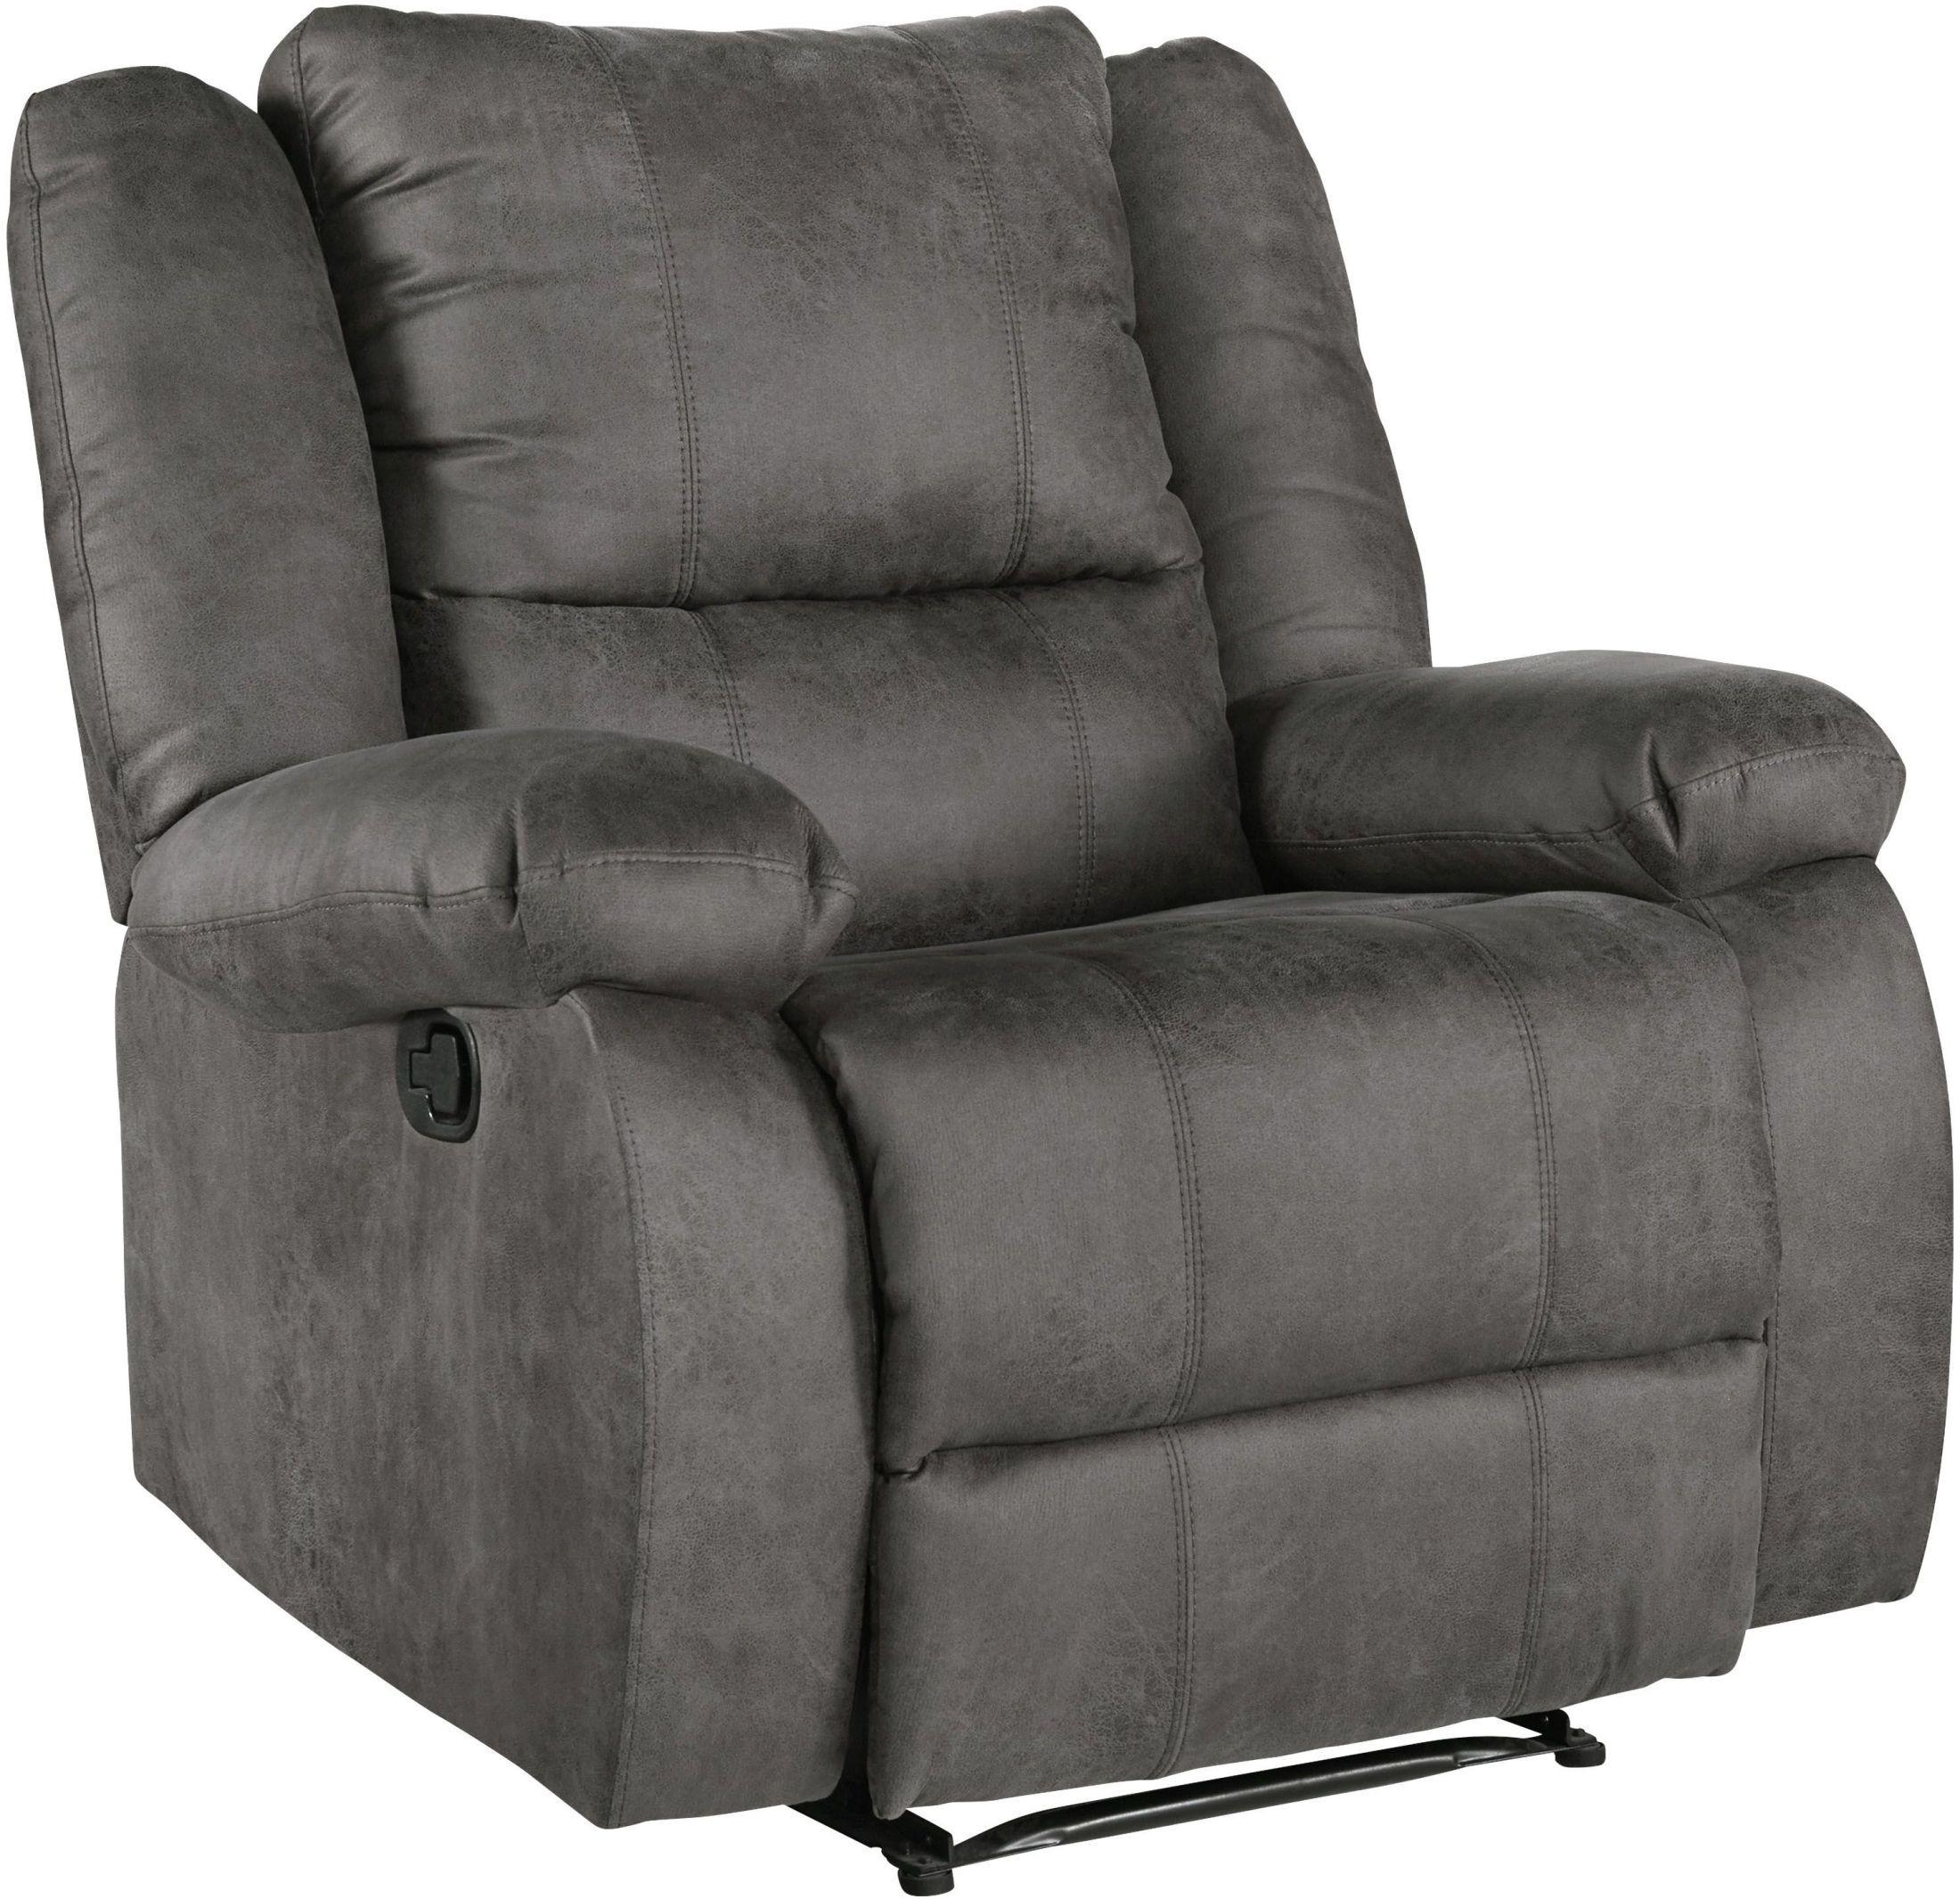 mitchell grey recliner. mitchell grey recliner from standard furniture  coleman furniture